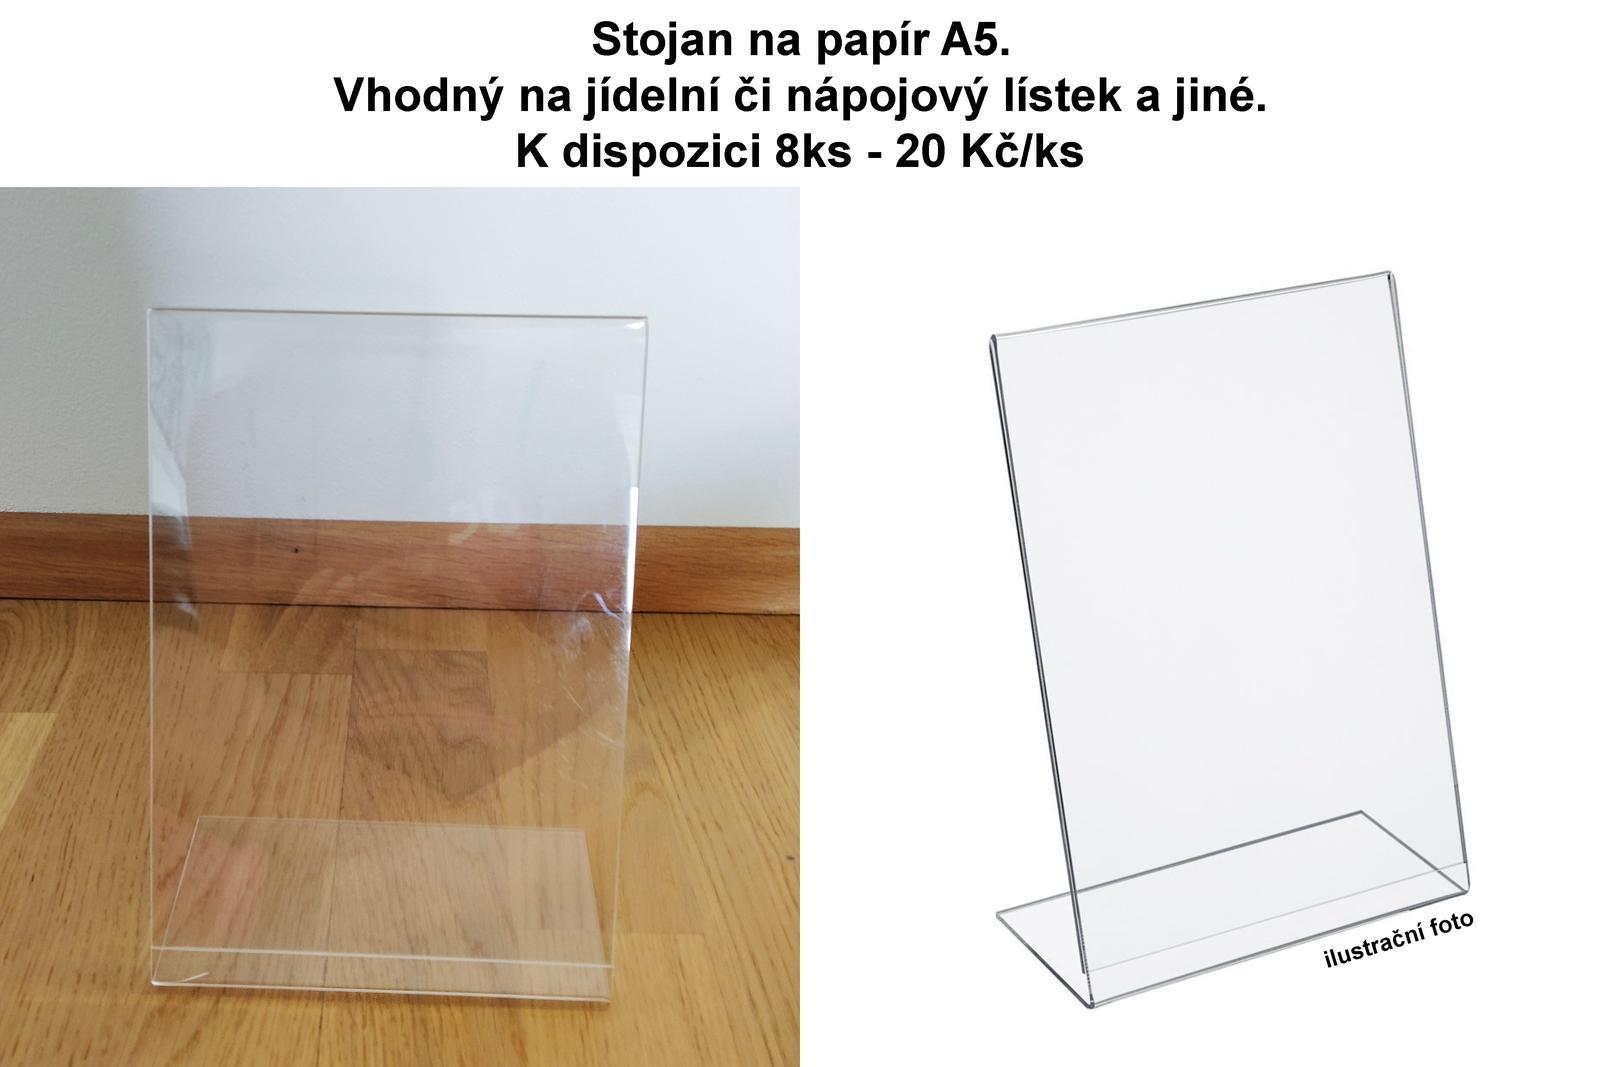 Stojan na papír - Obrázek č. 1